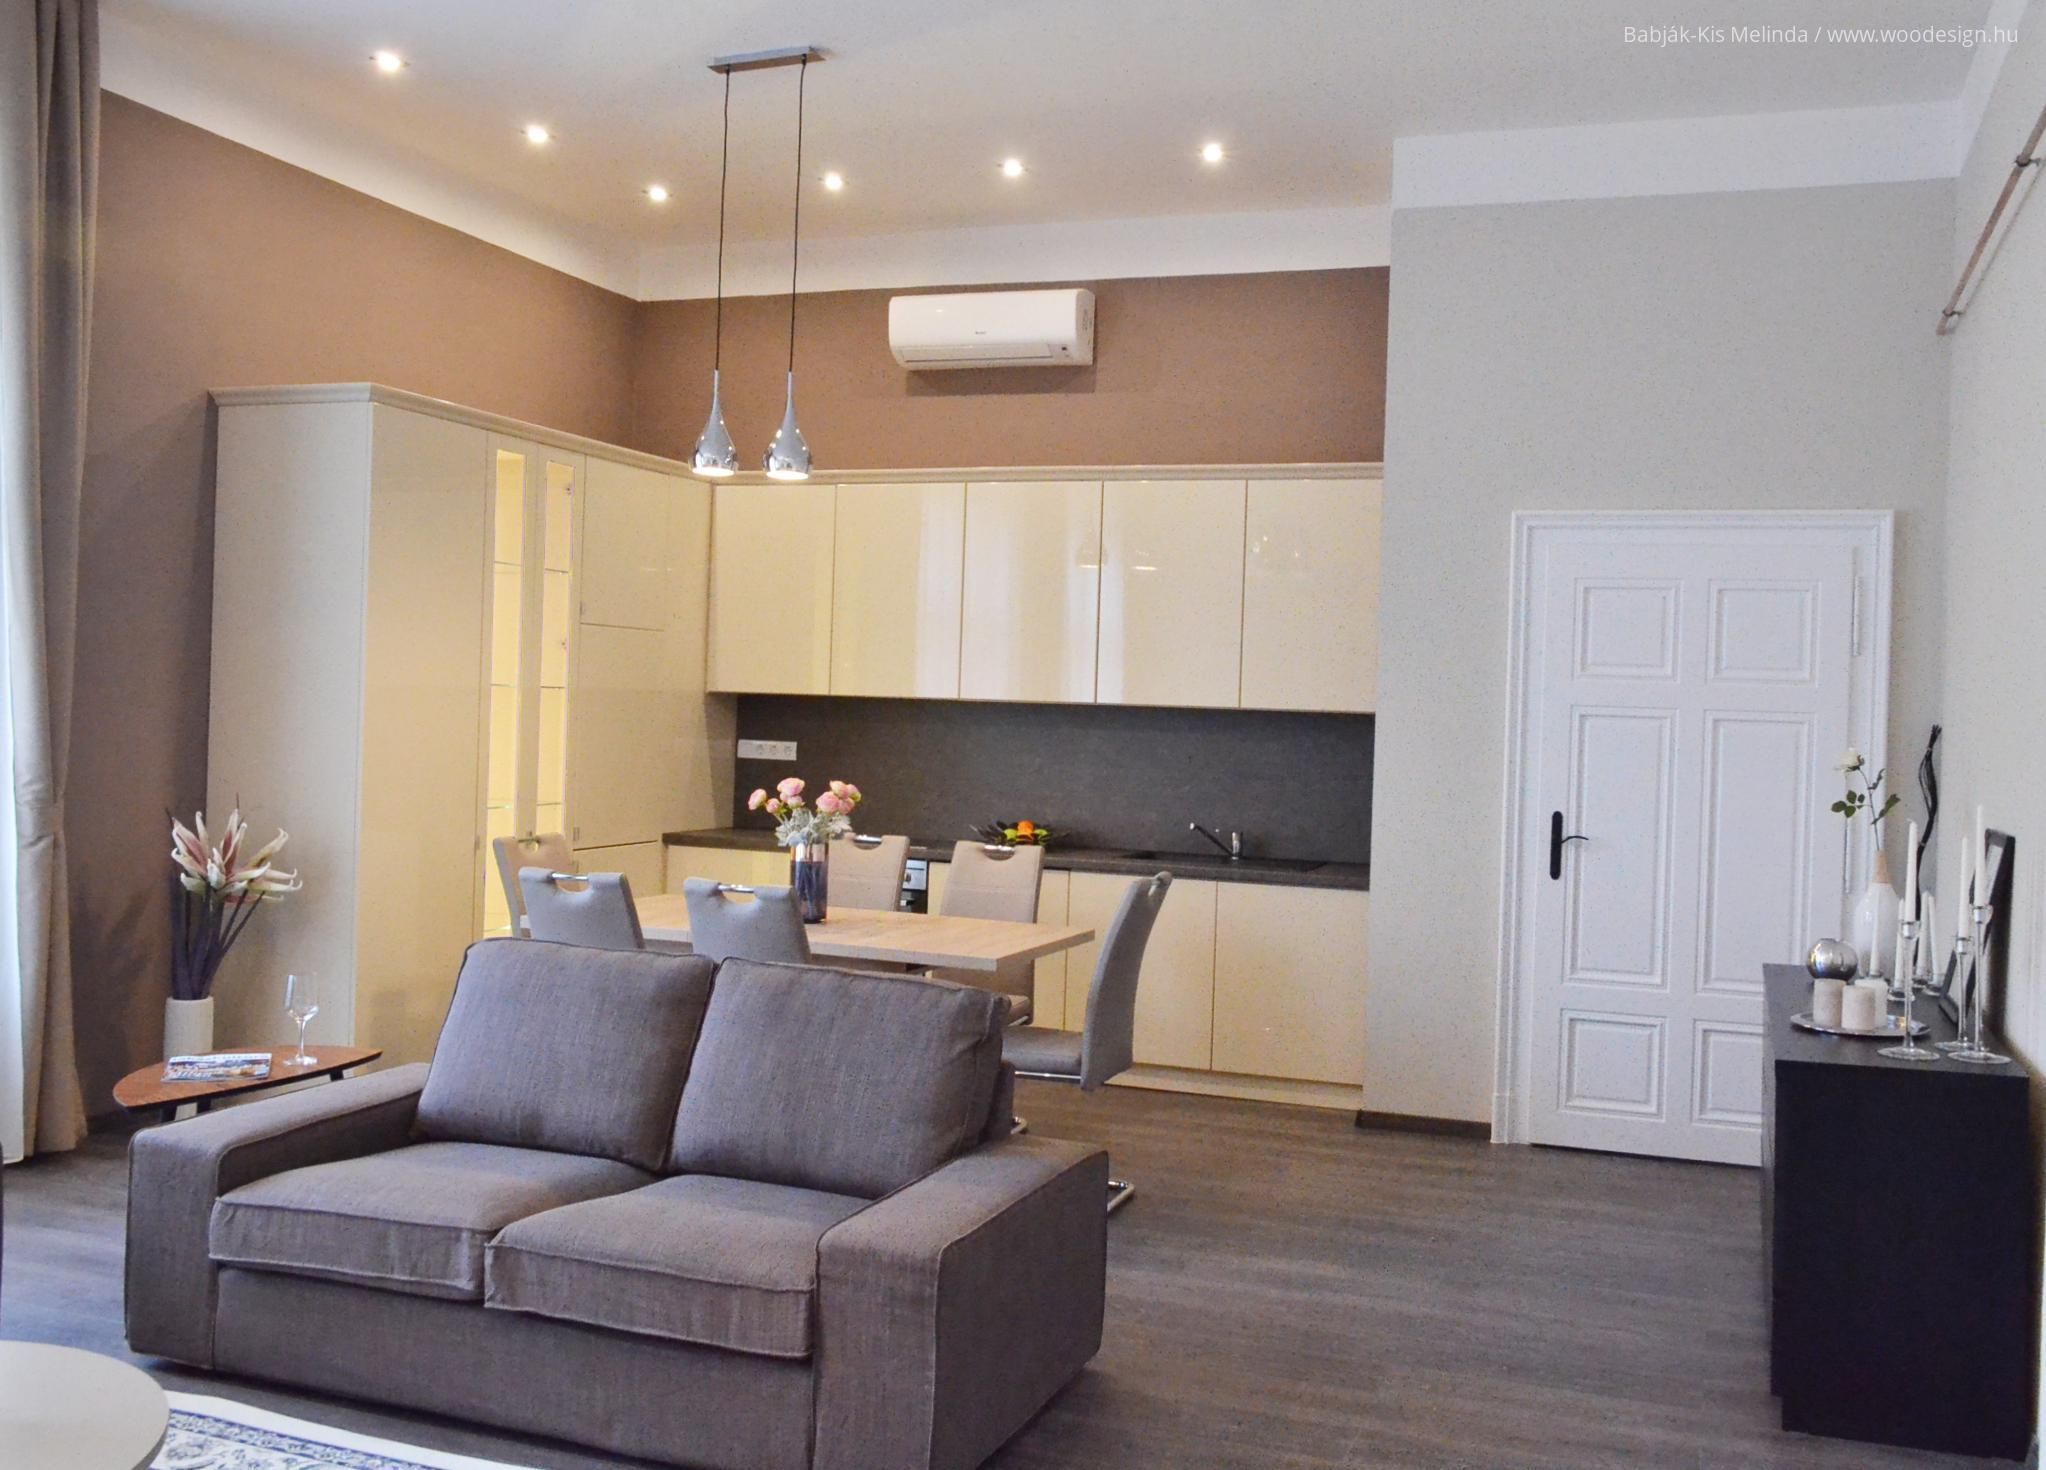 Egyterű nappali, konyha, étkező // HOMEINFO.hu - Inspirációtár